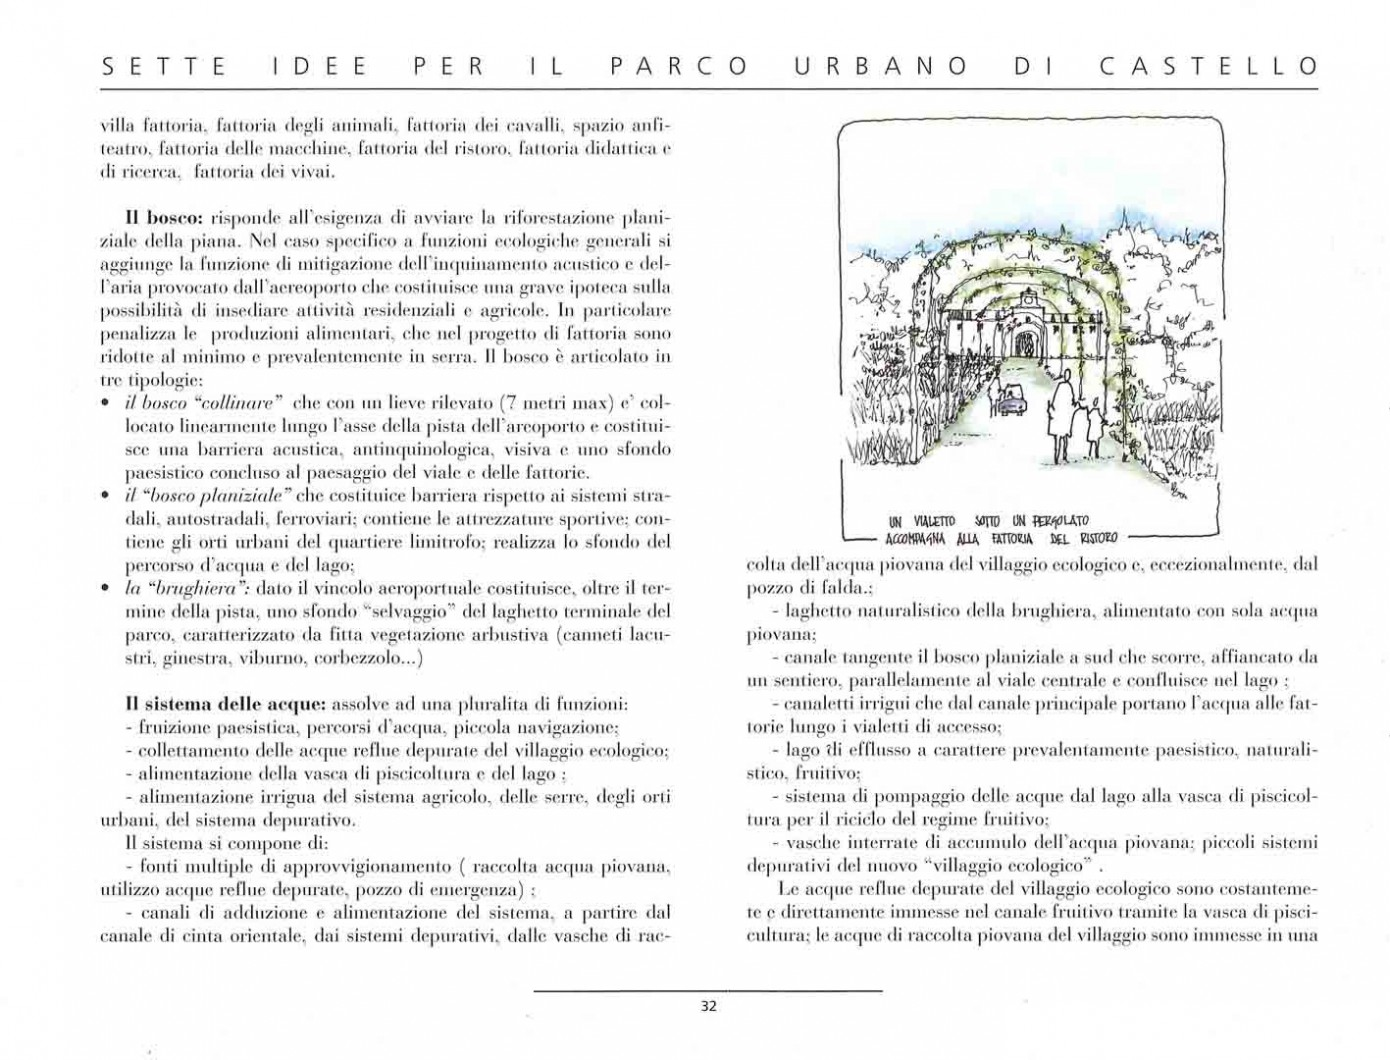 4_castello